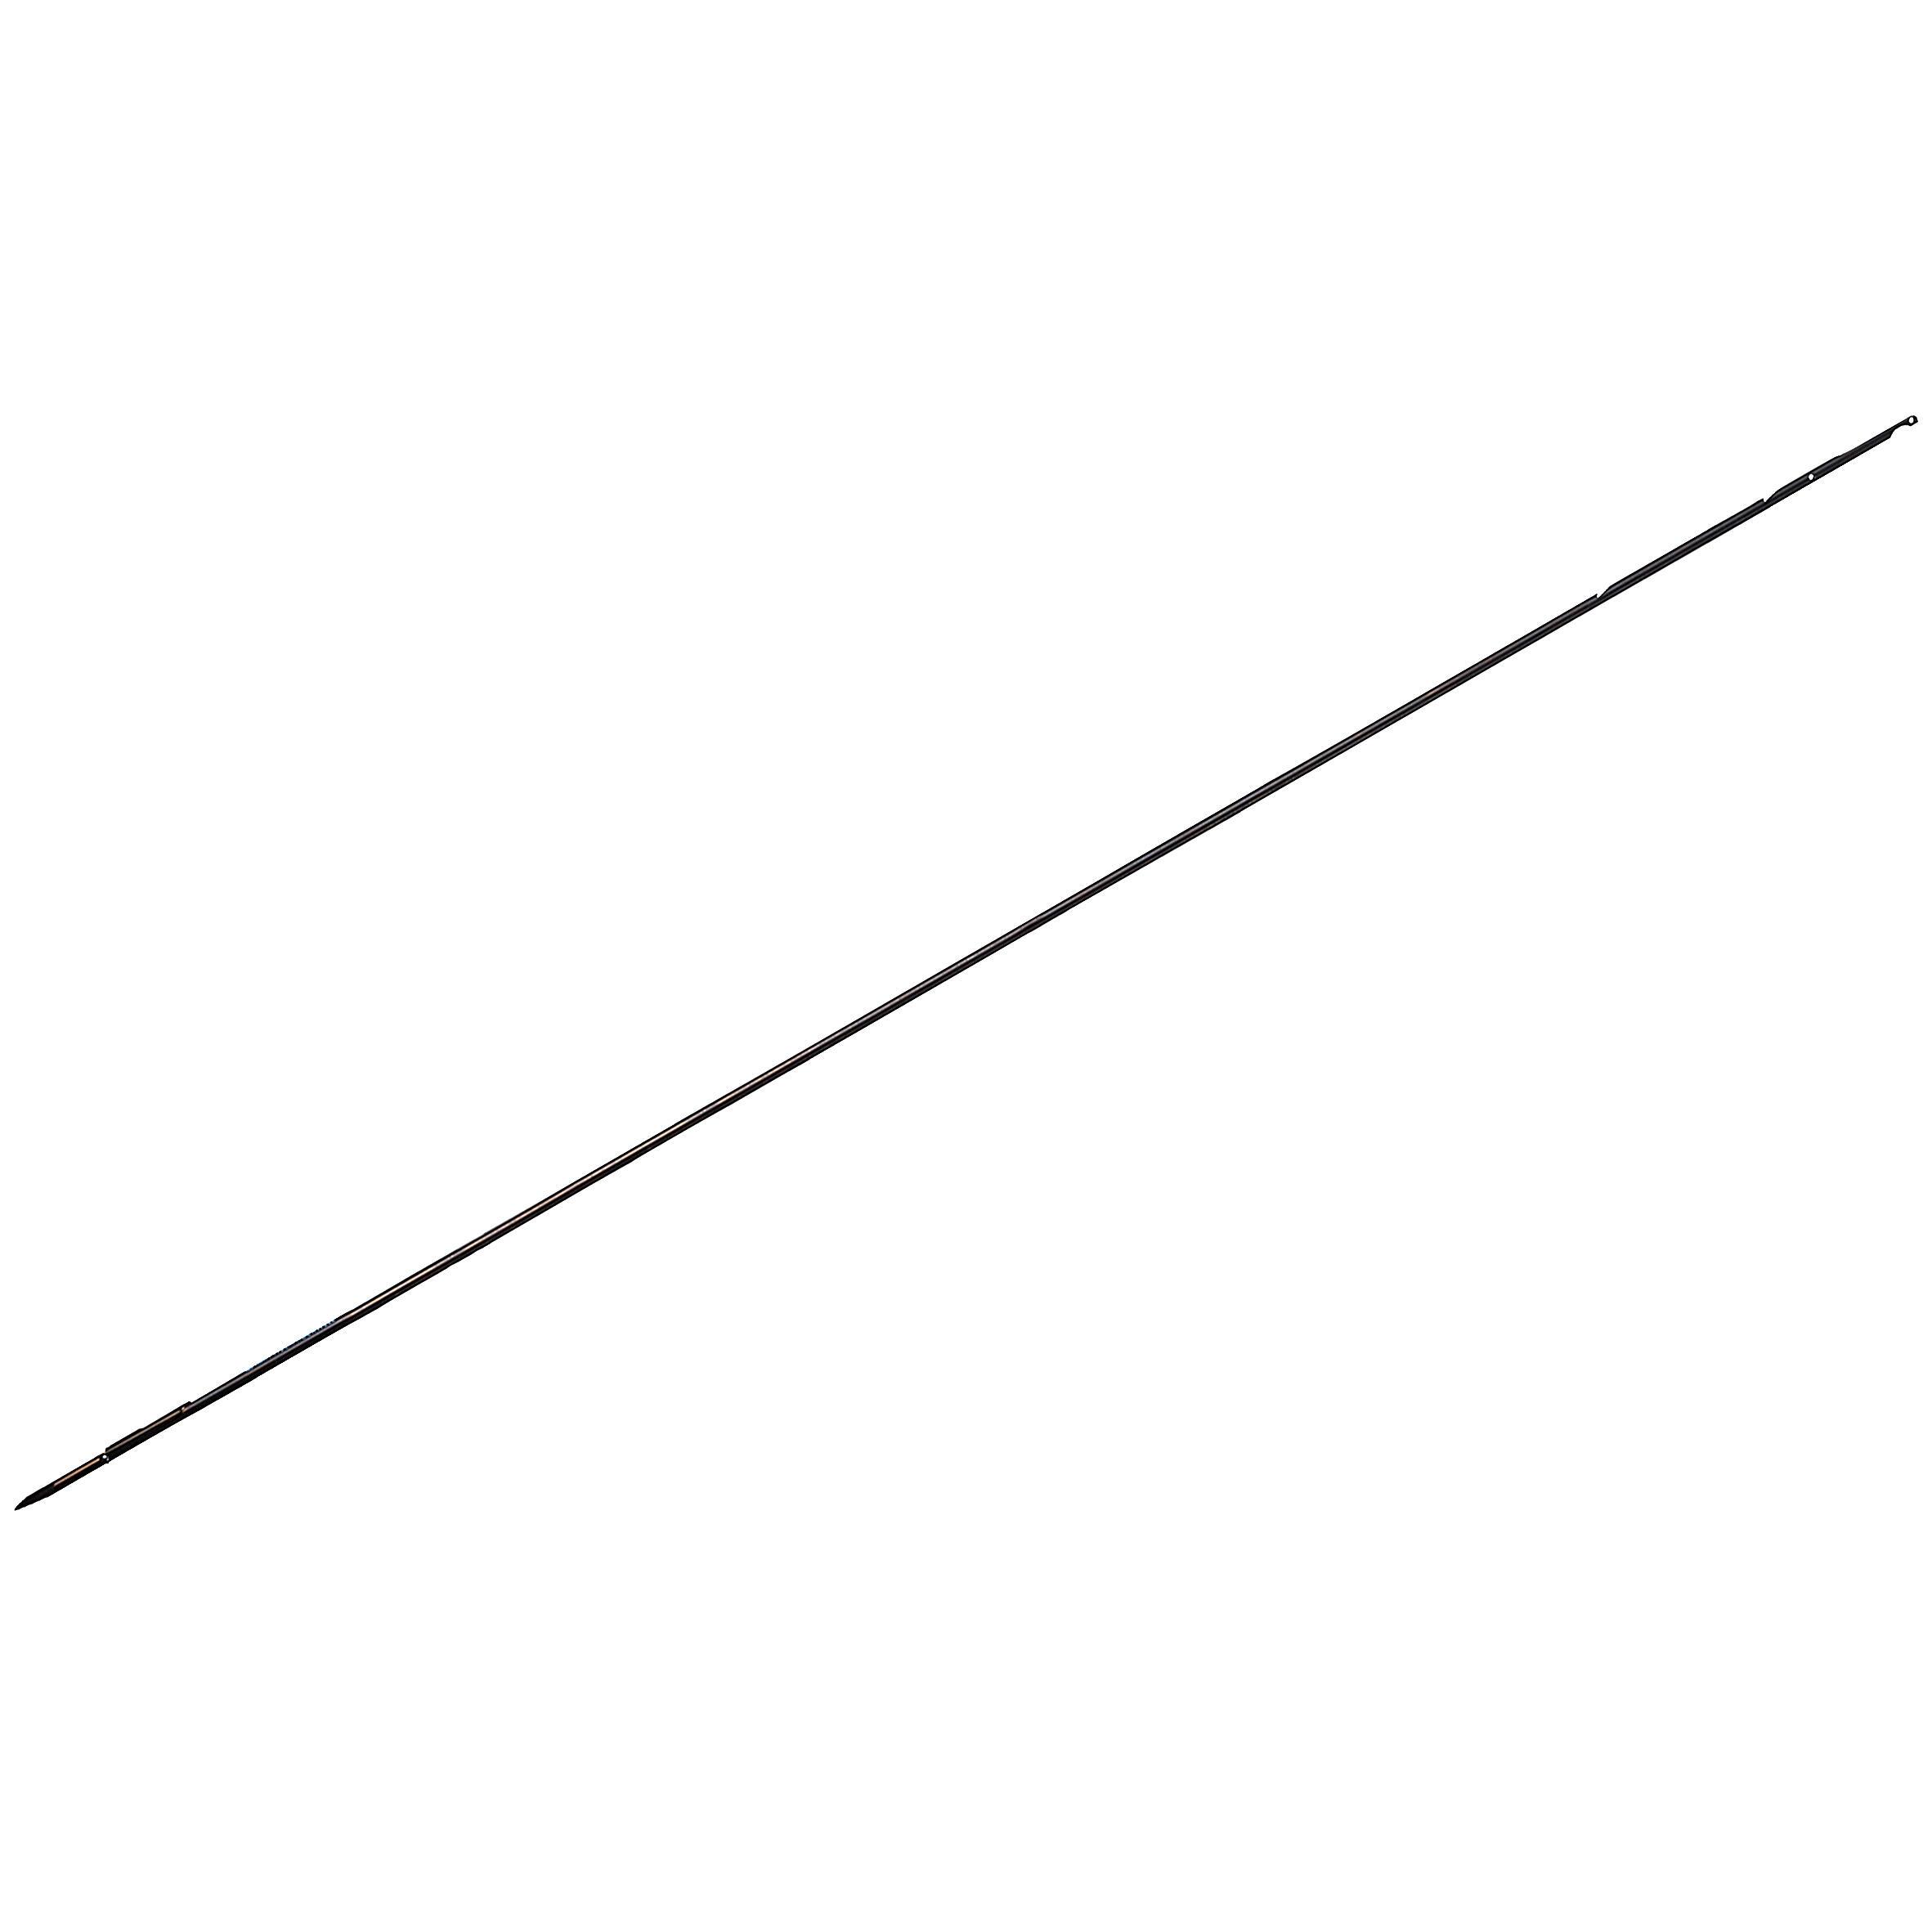 Săgeată 6.5MM ROCKWELL 130 cm la Reducere poza